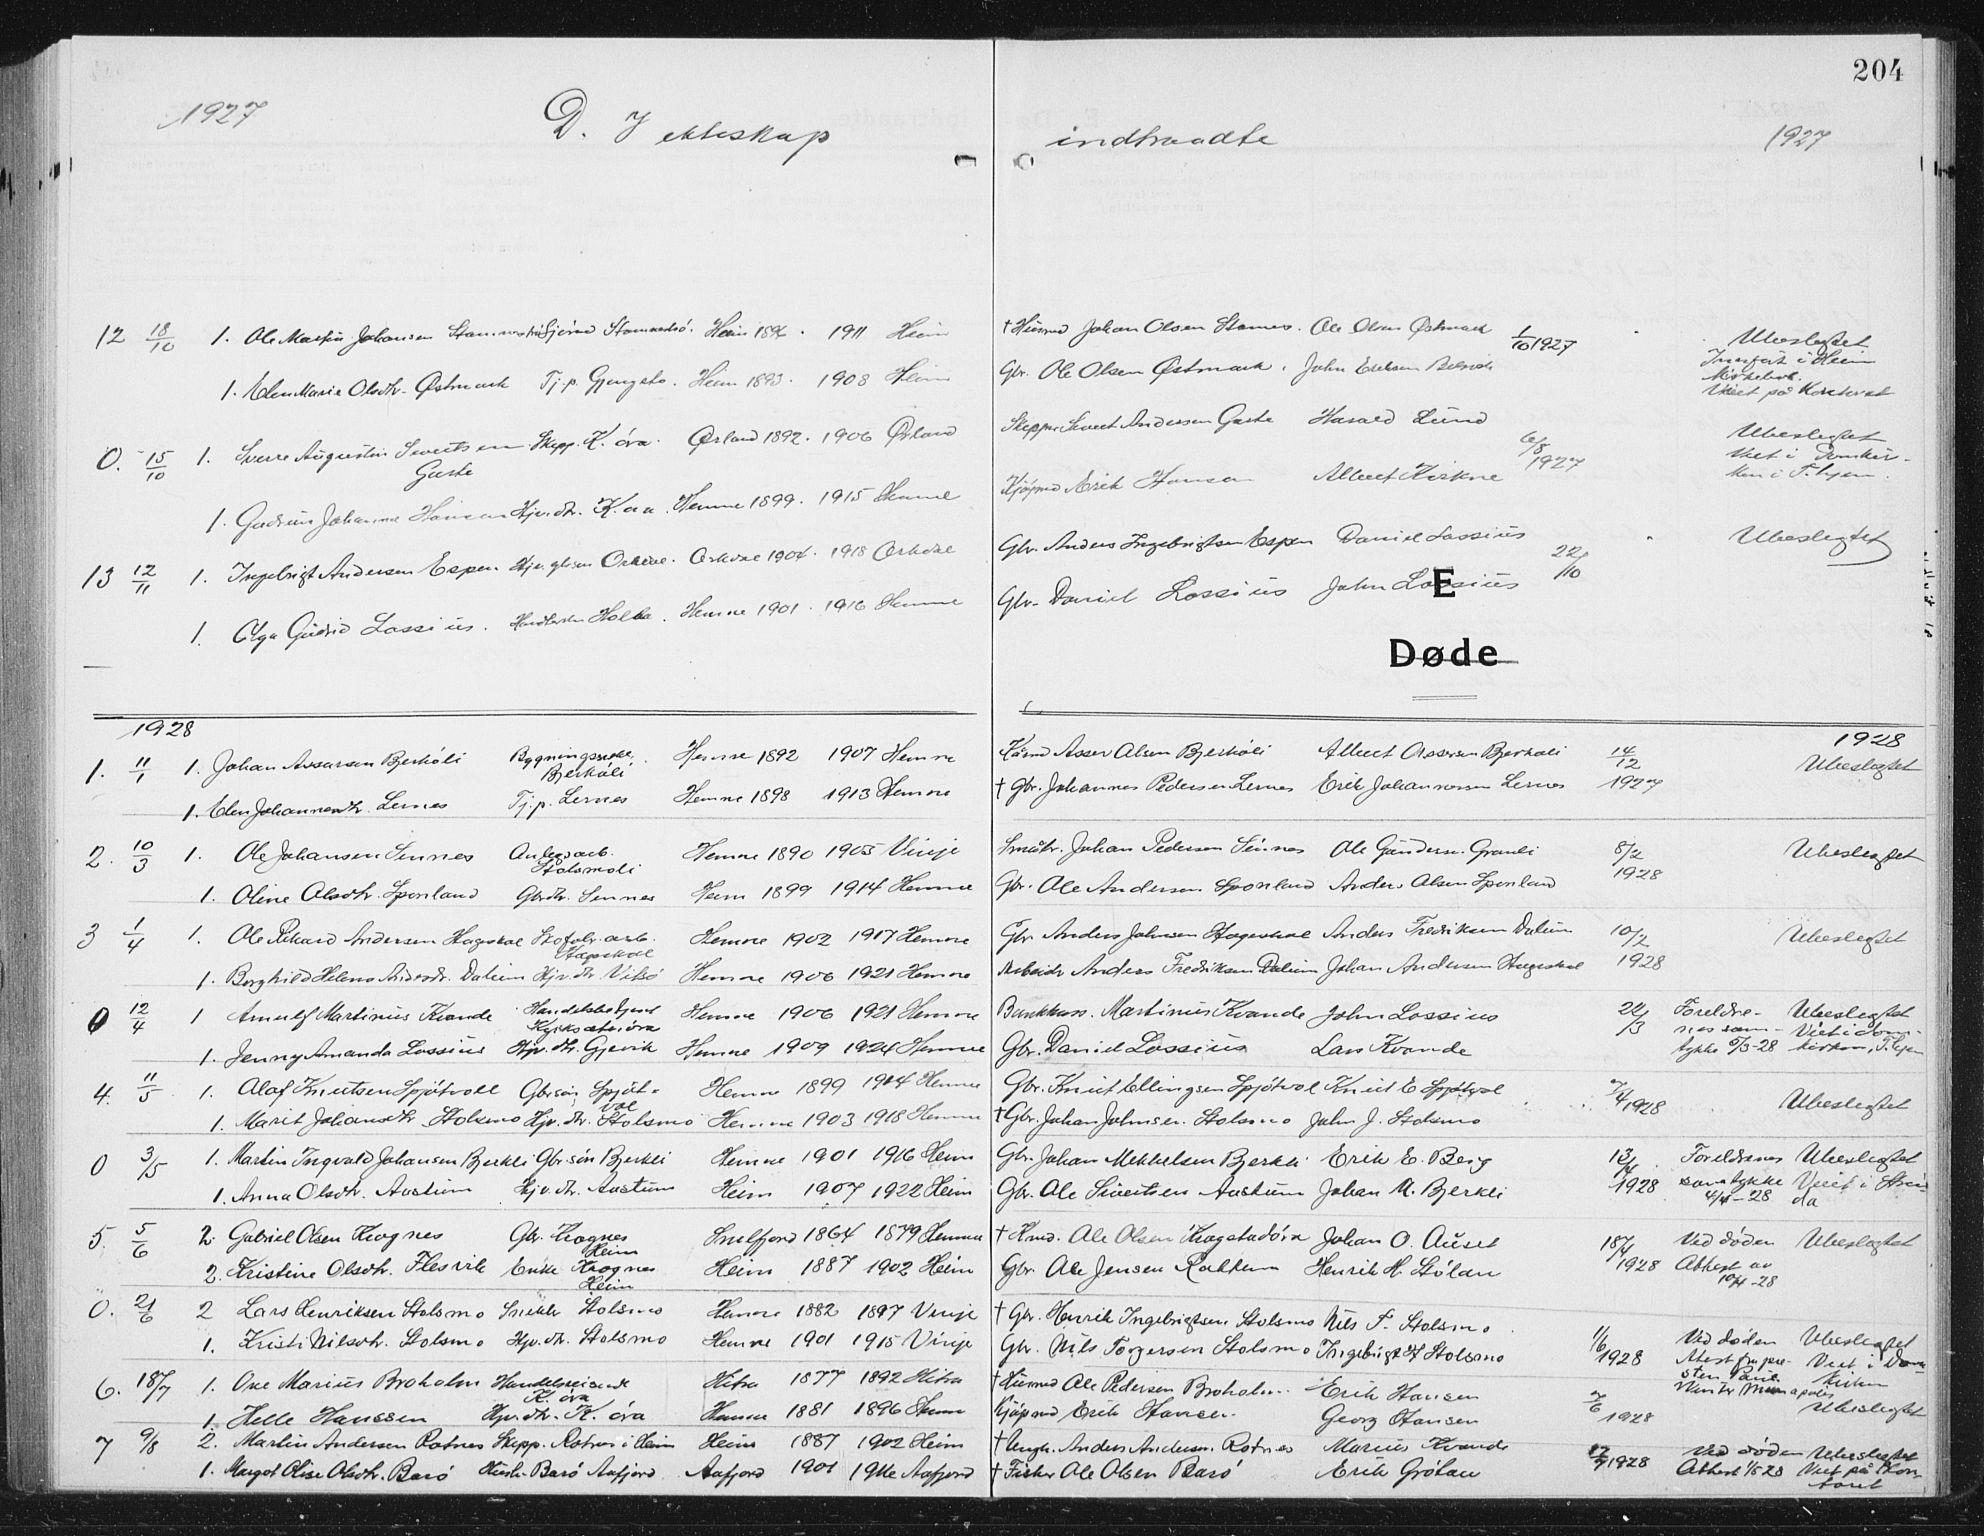 SAT, Ministerialprotokoller, klokkerbøker og fødselsregistre - Sør-Trøndelag, 630/L0506: Klokkerbok nr. 630C04, 1914-1933, s. 204